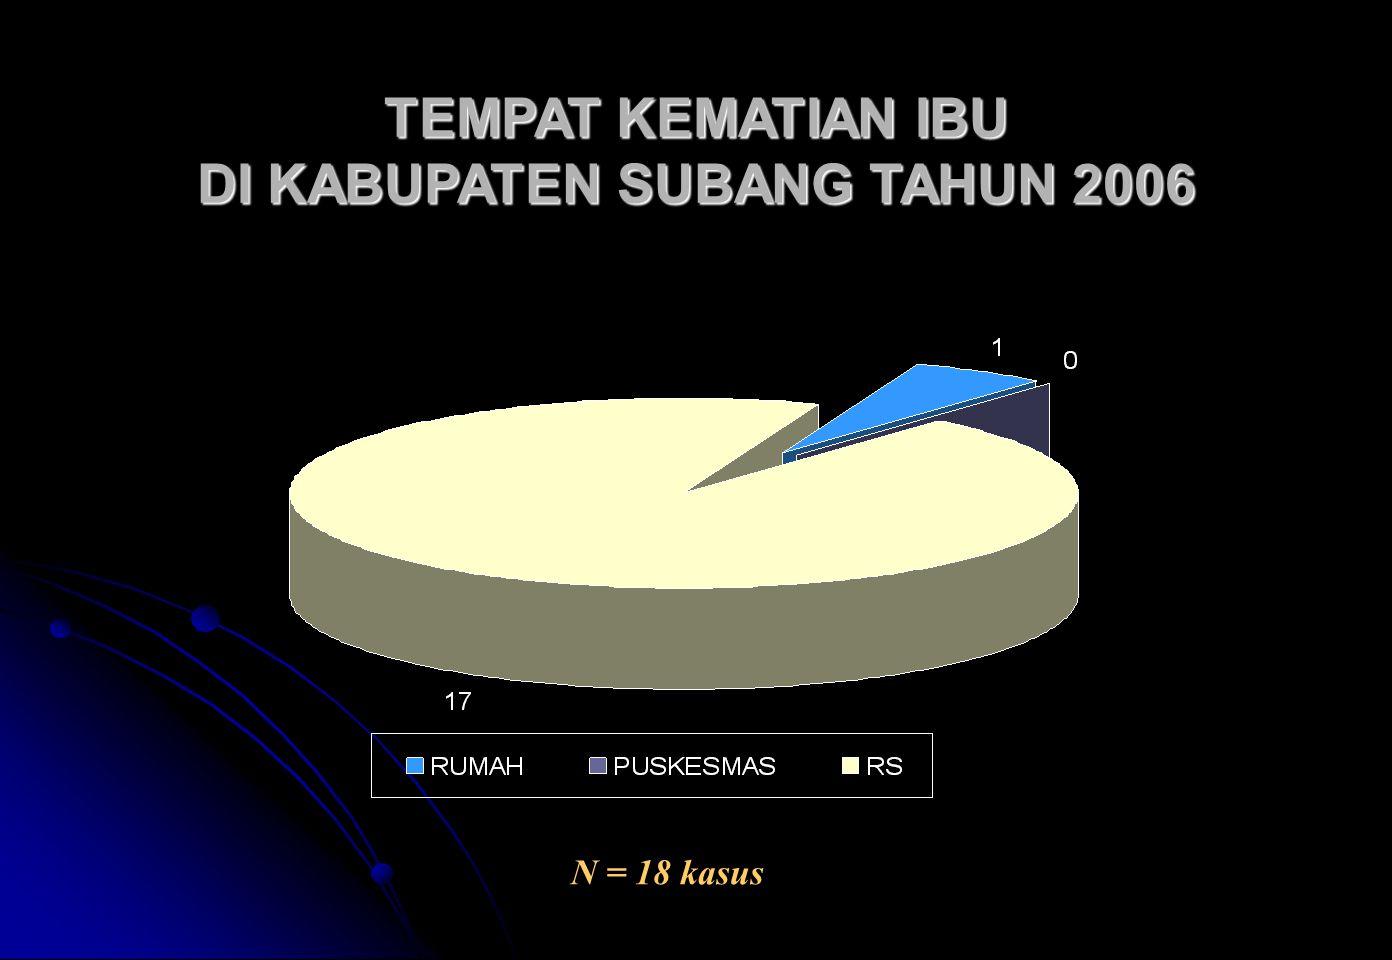 TEMPAT KEMATIAN IBU DI KABUPATEN SUBANG TAHUN 2006